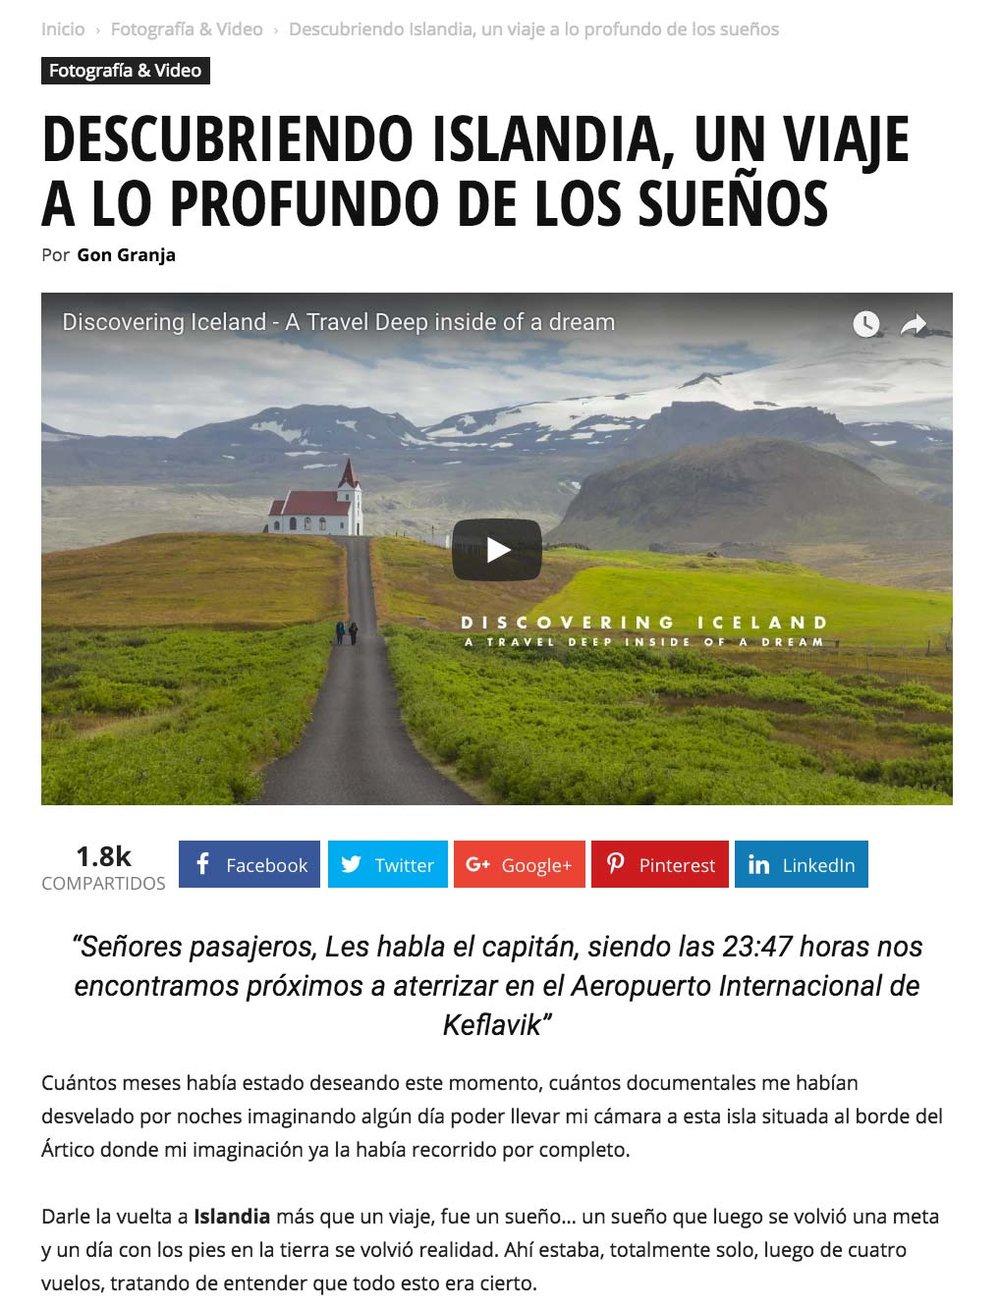 Reseña en Intriper - PLATAFORMA DE CONTENIDOS VIAJEROS DE LATAM